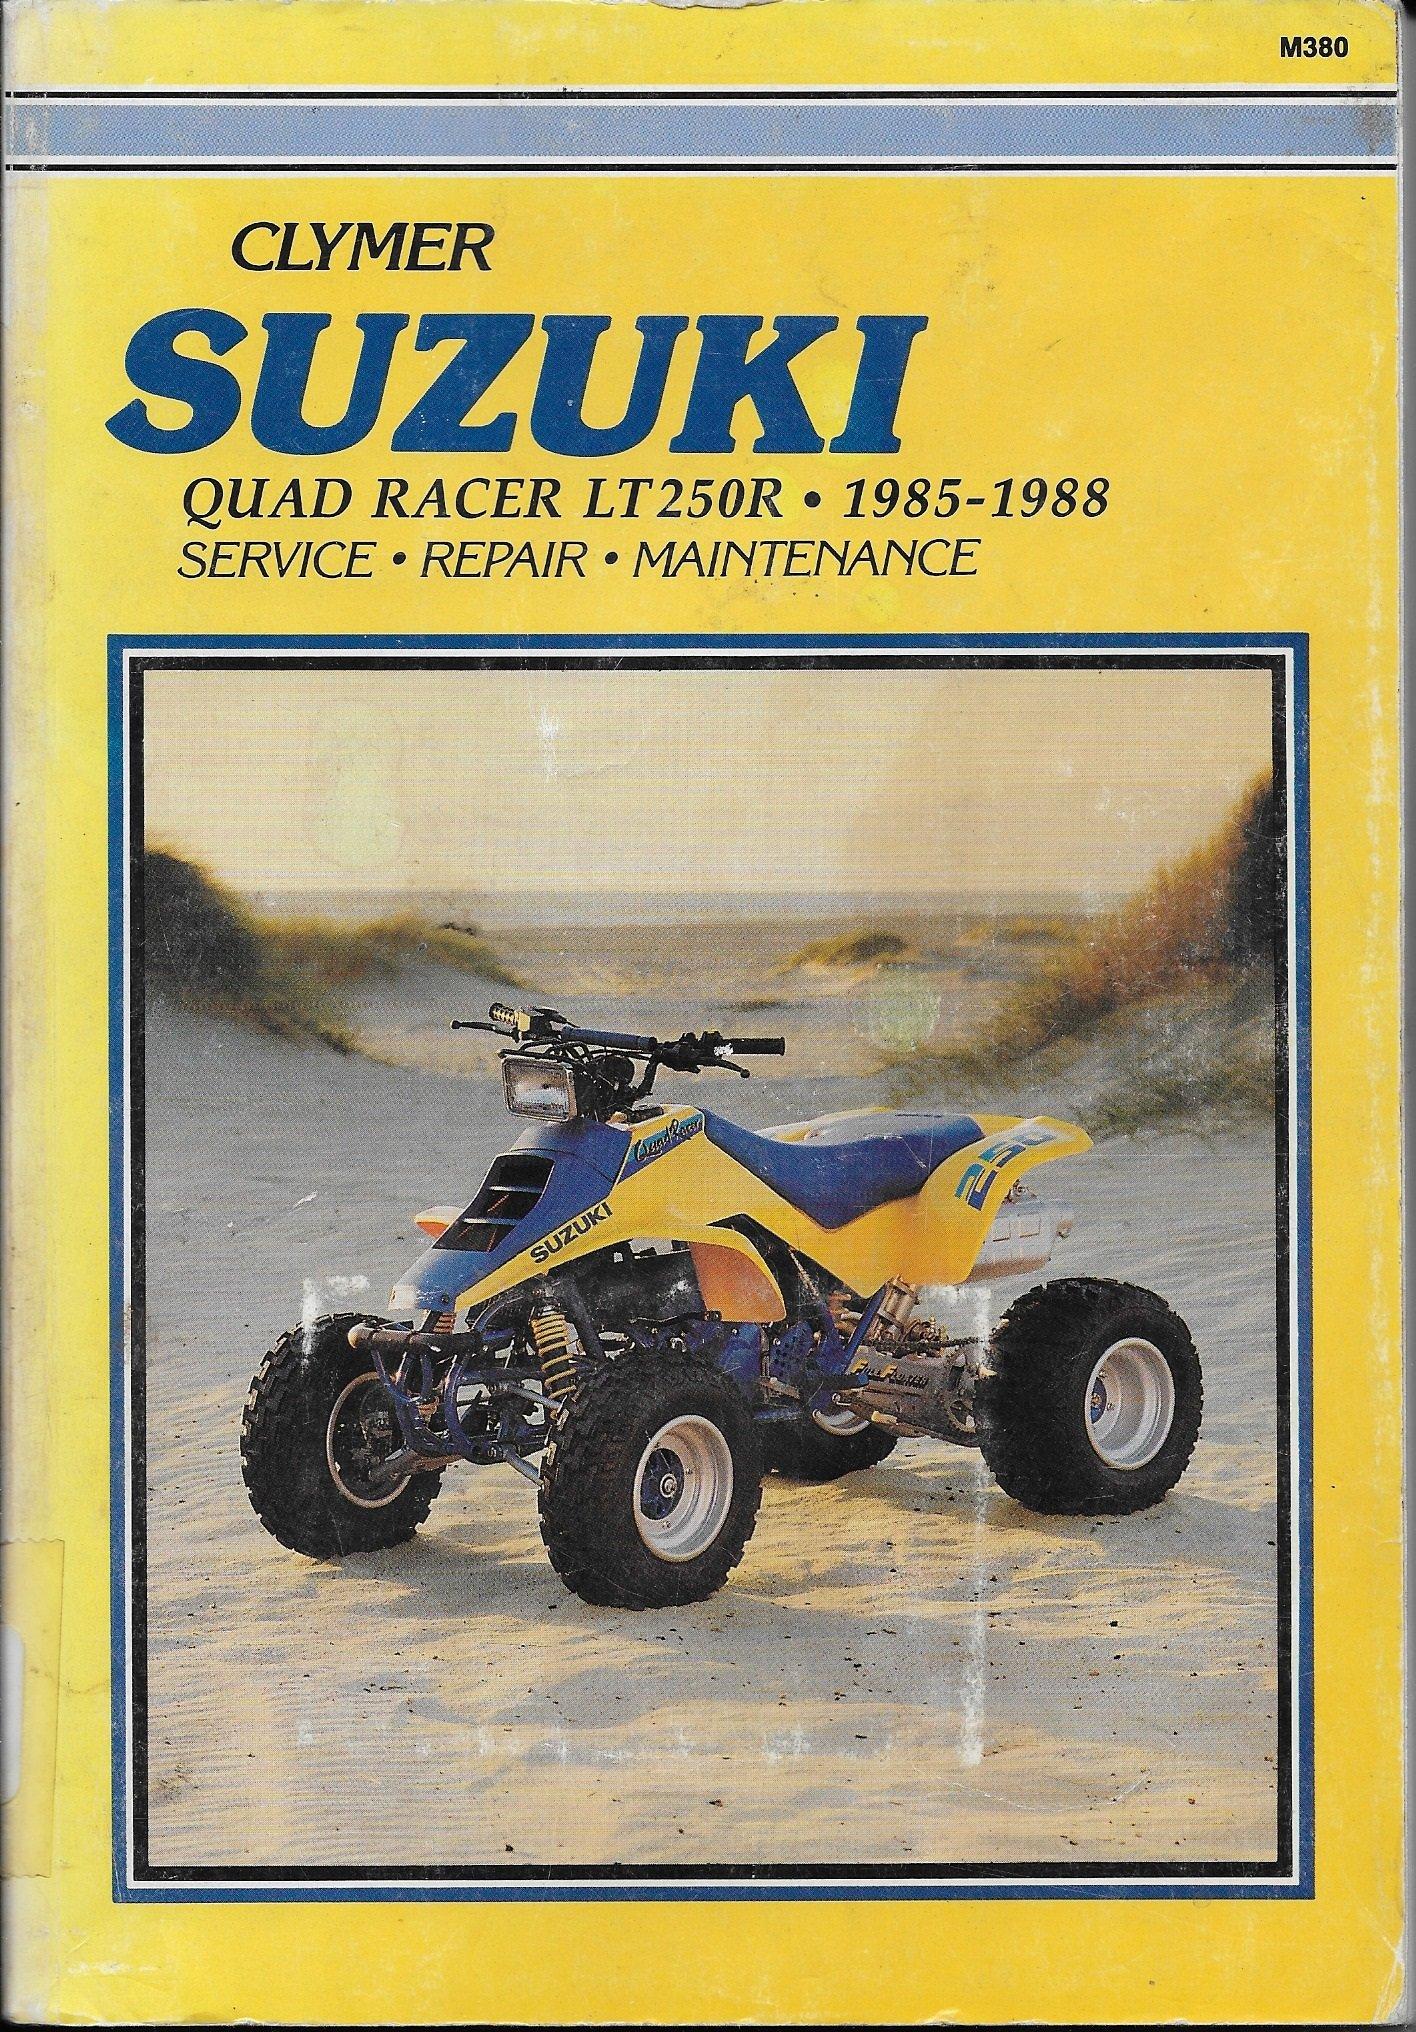 Suzuki Quad Racer Lt250R: 1985-1988 : Service-Repair-Maintenance/M-380: Ed  Scott: 9780892874460: Amazon.com: Books